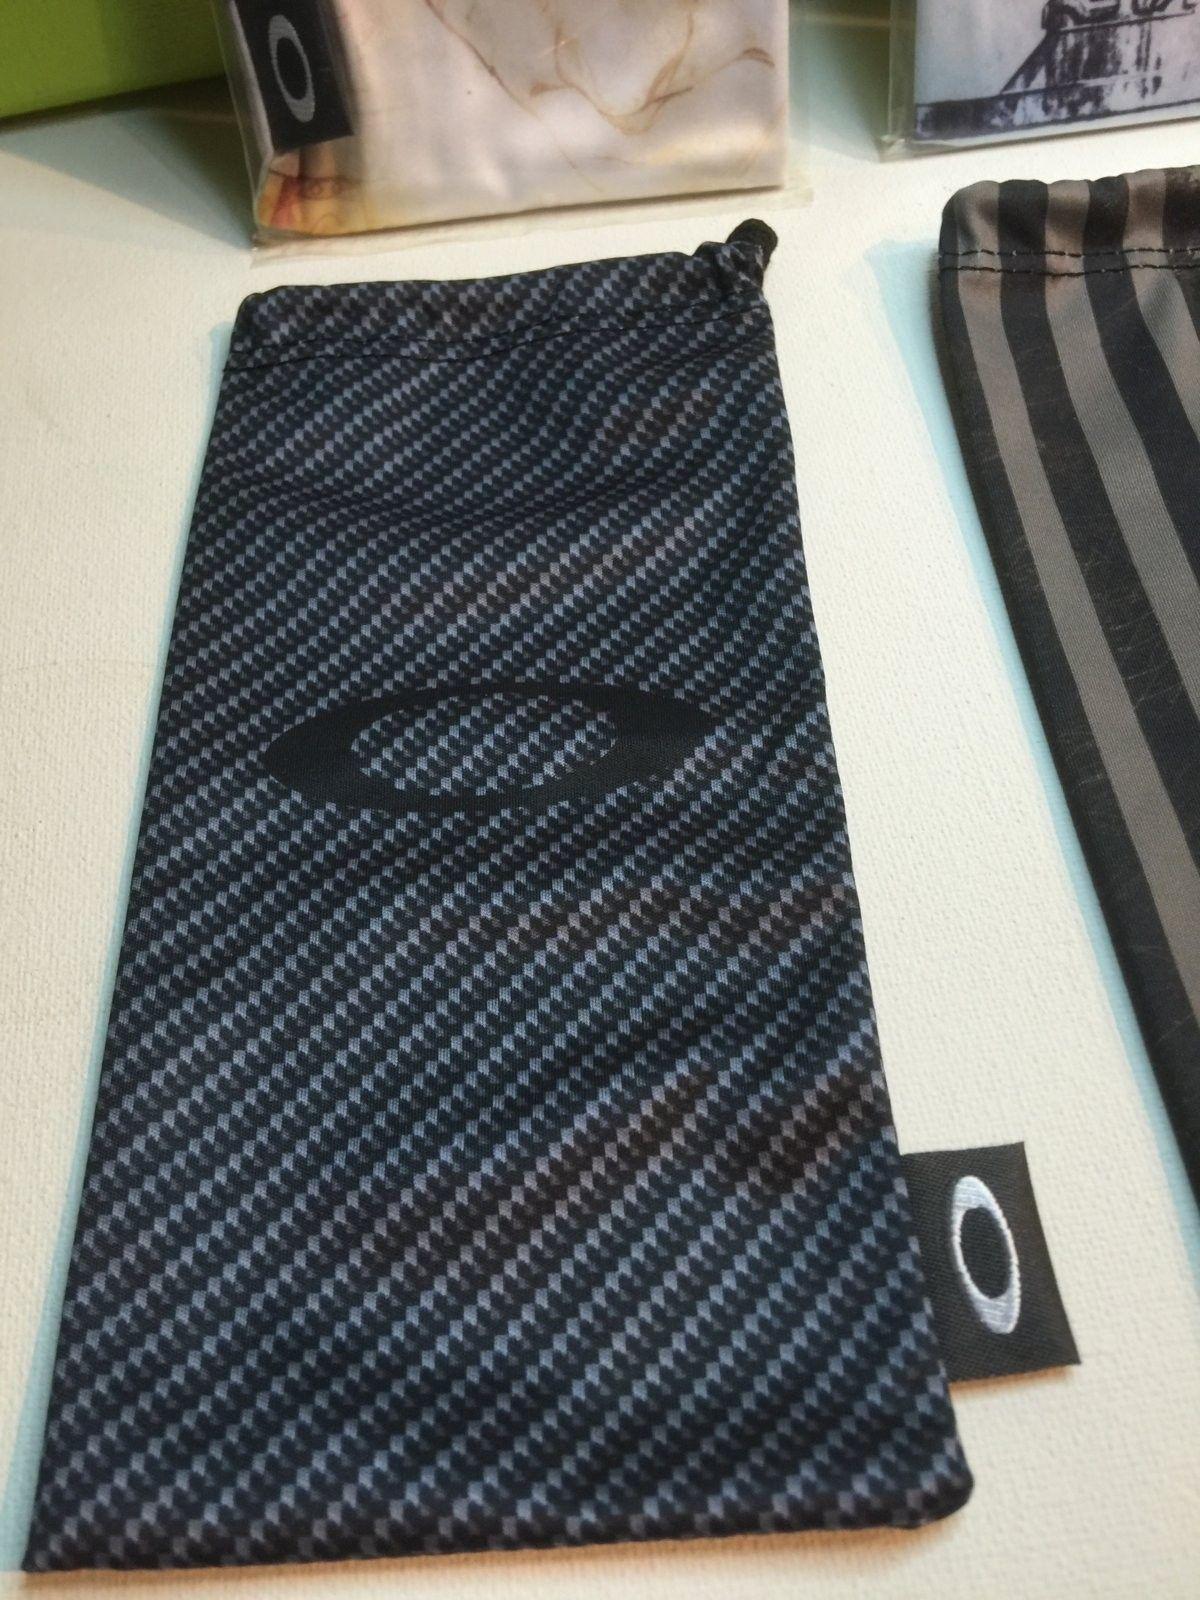 Carbon Fiber Print Microfiber Bag - IMG_3933.JPG